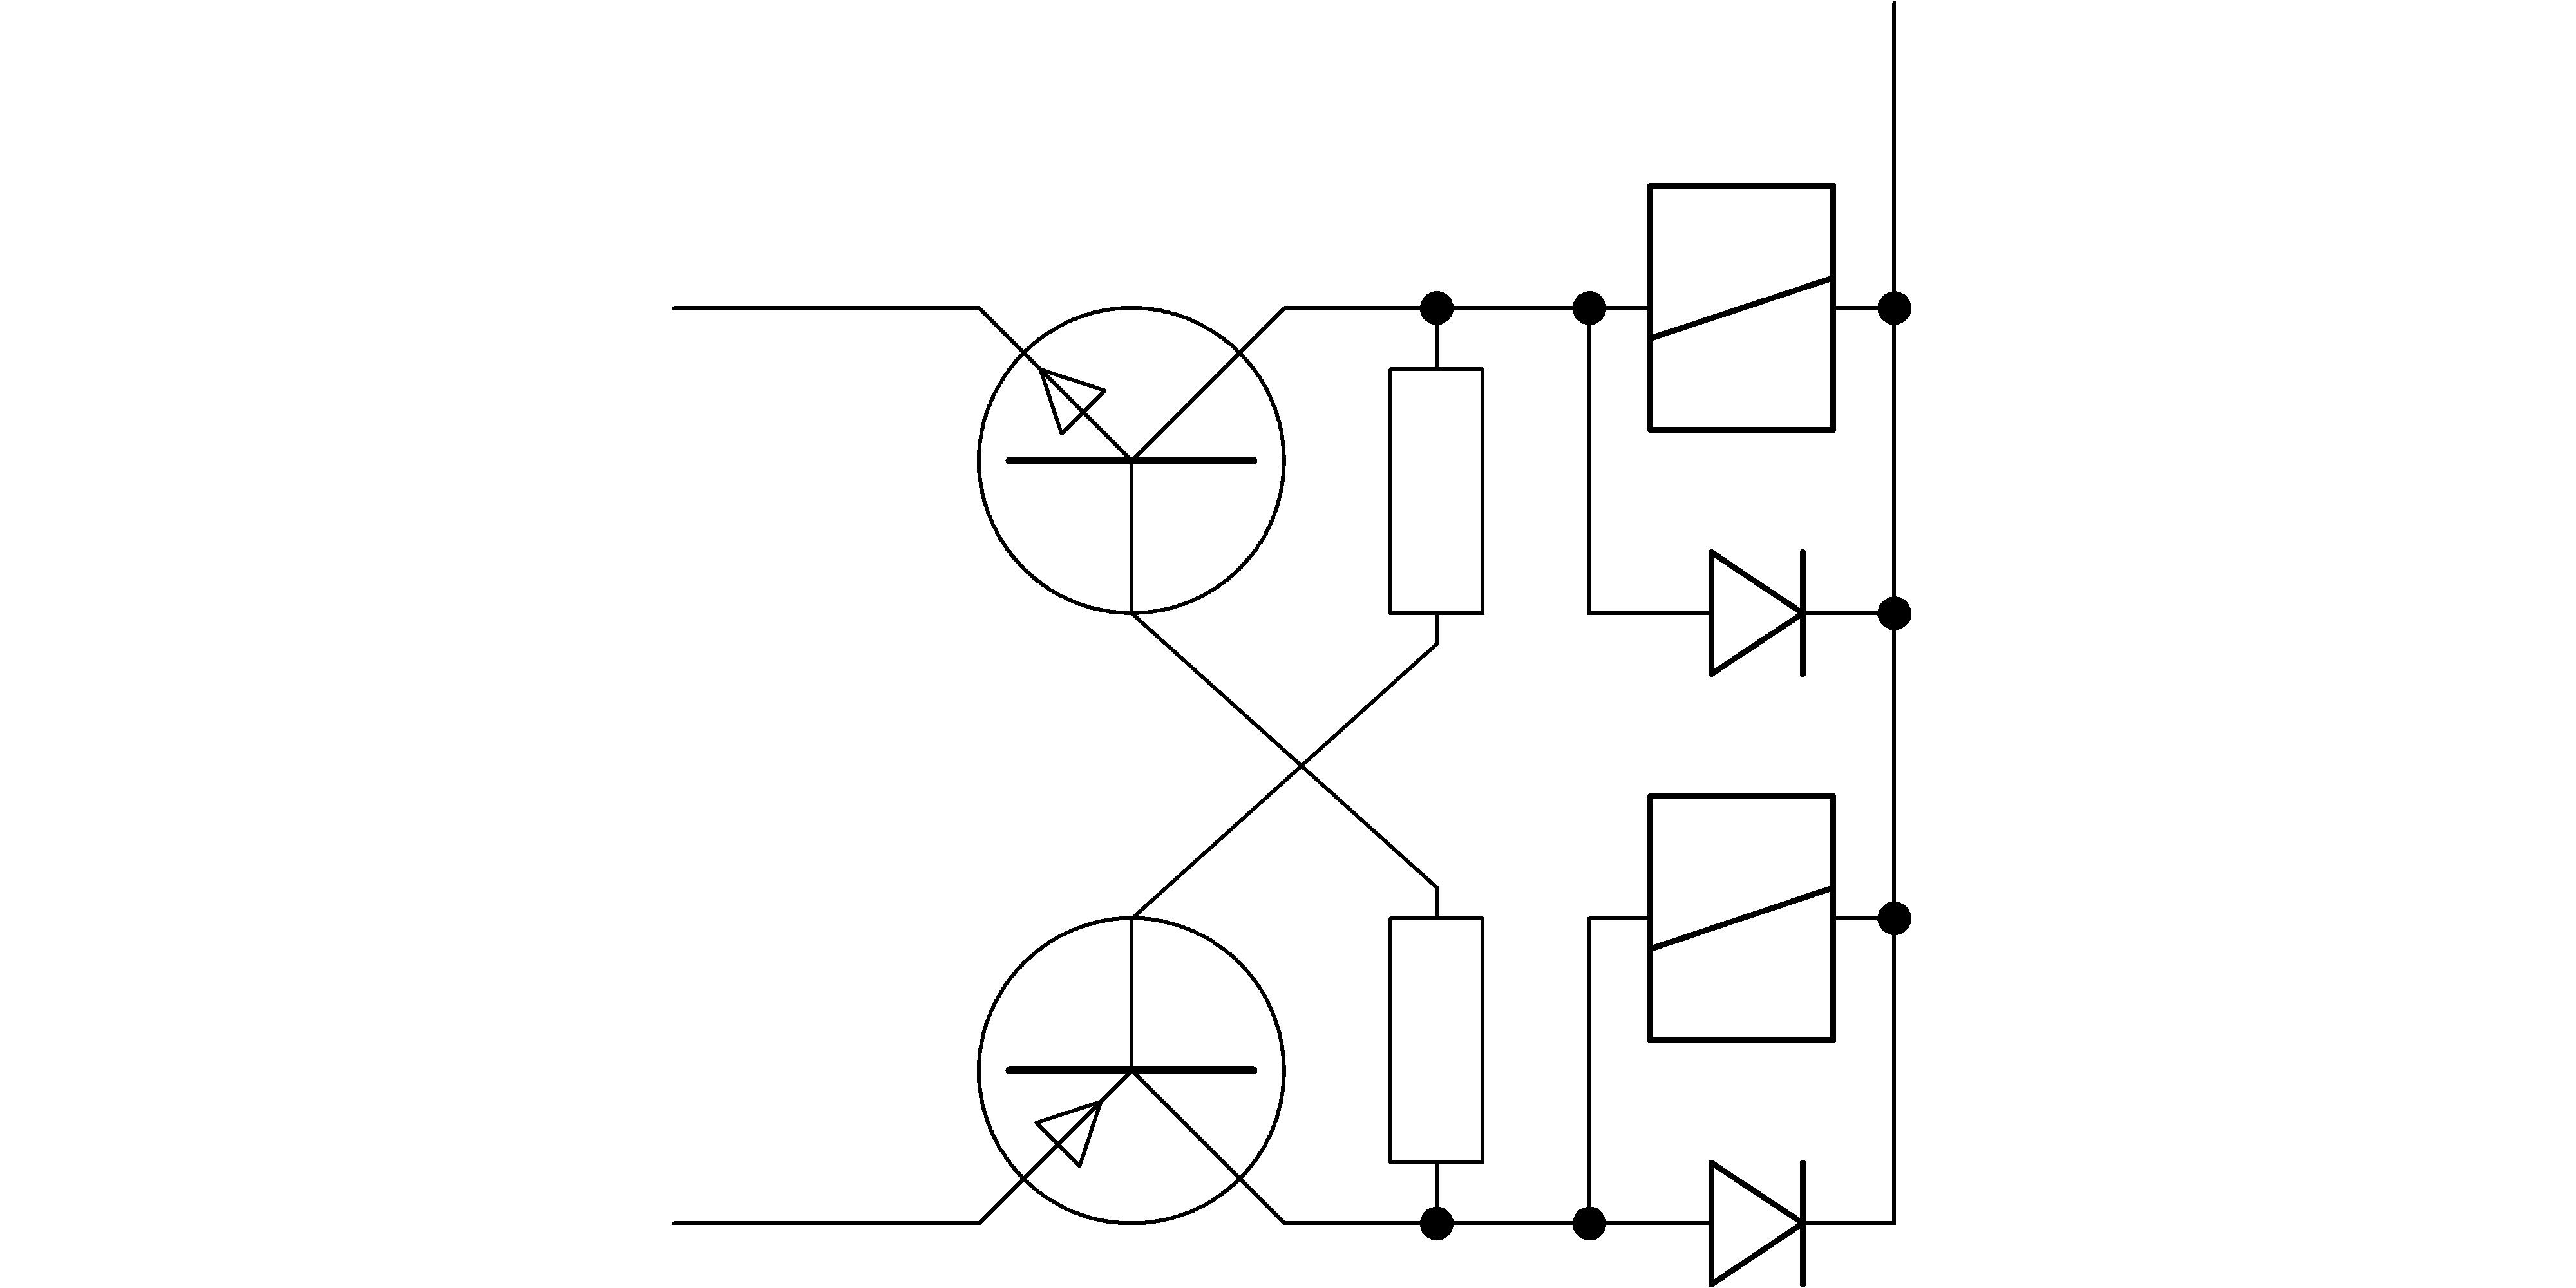 relais gegeneinander verriegeln